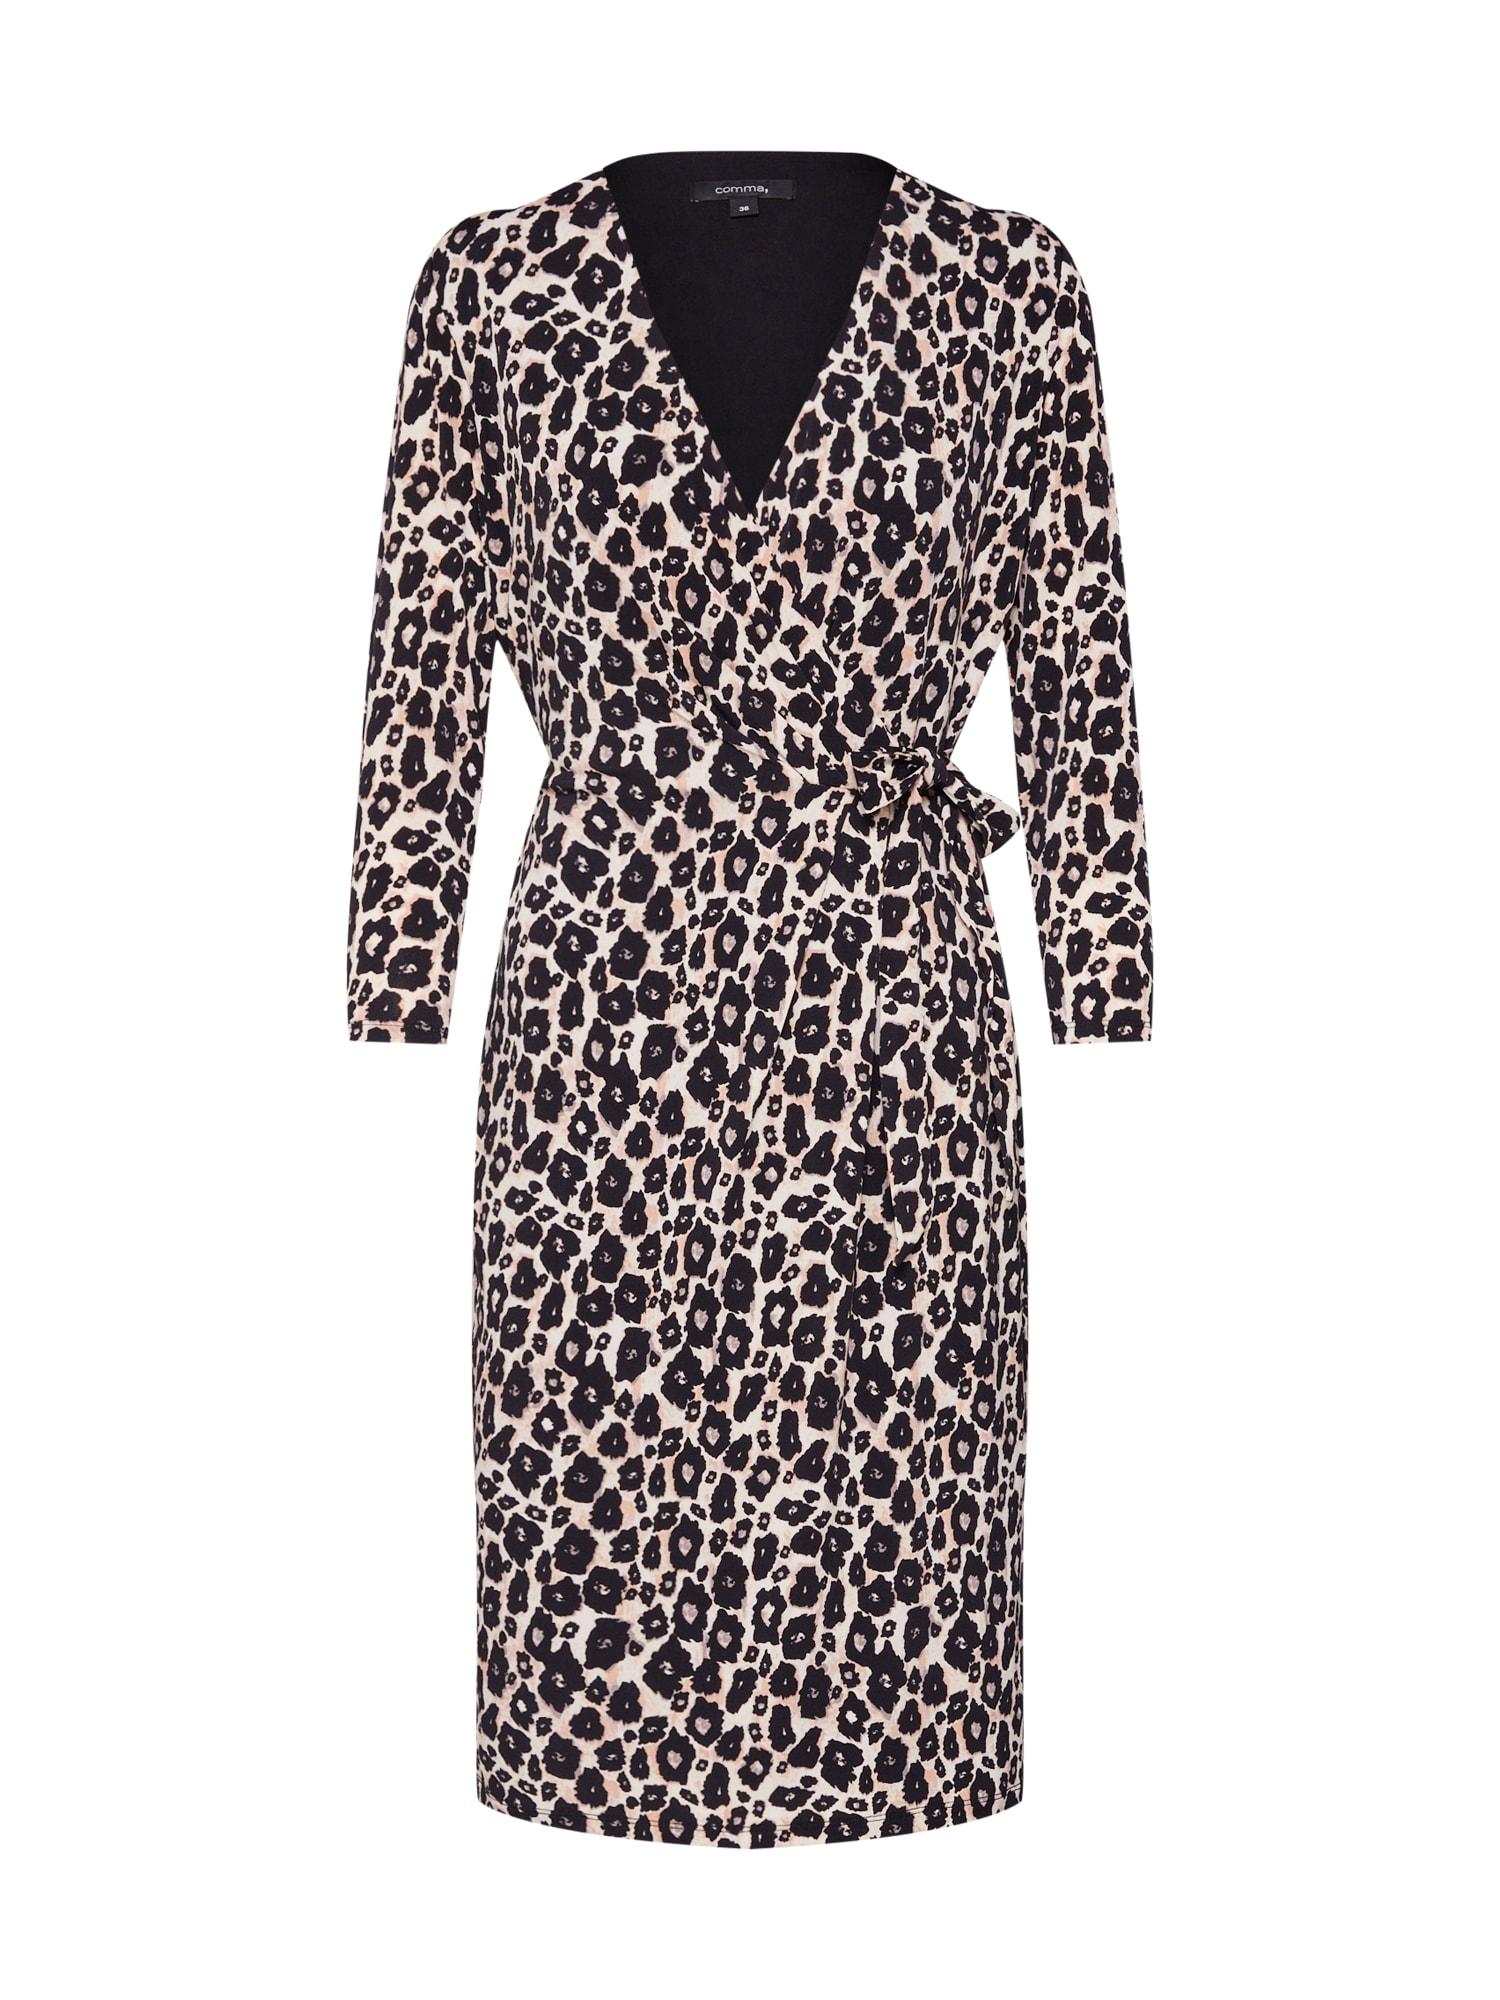 Letní šaty KLEID KURZ béžová hnědá mix barev černá COMMA